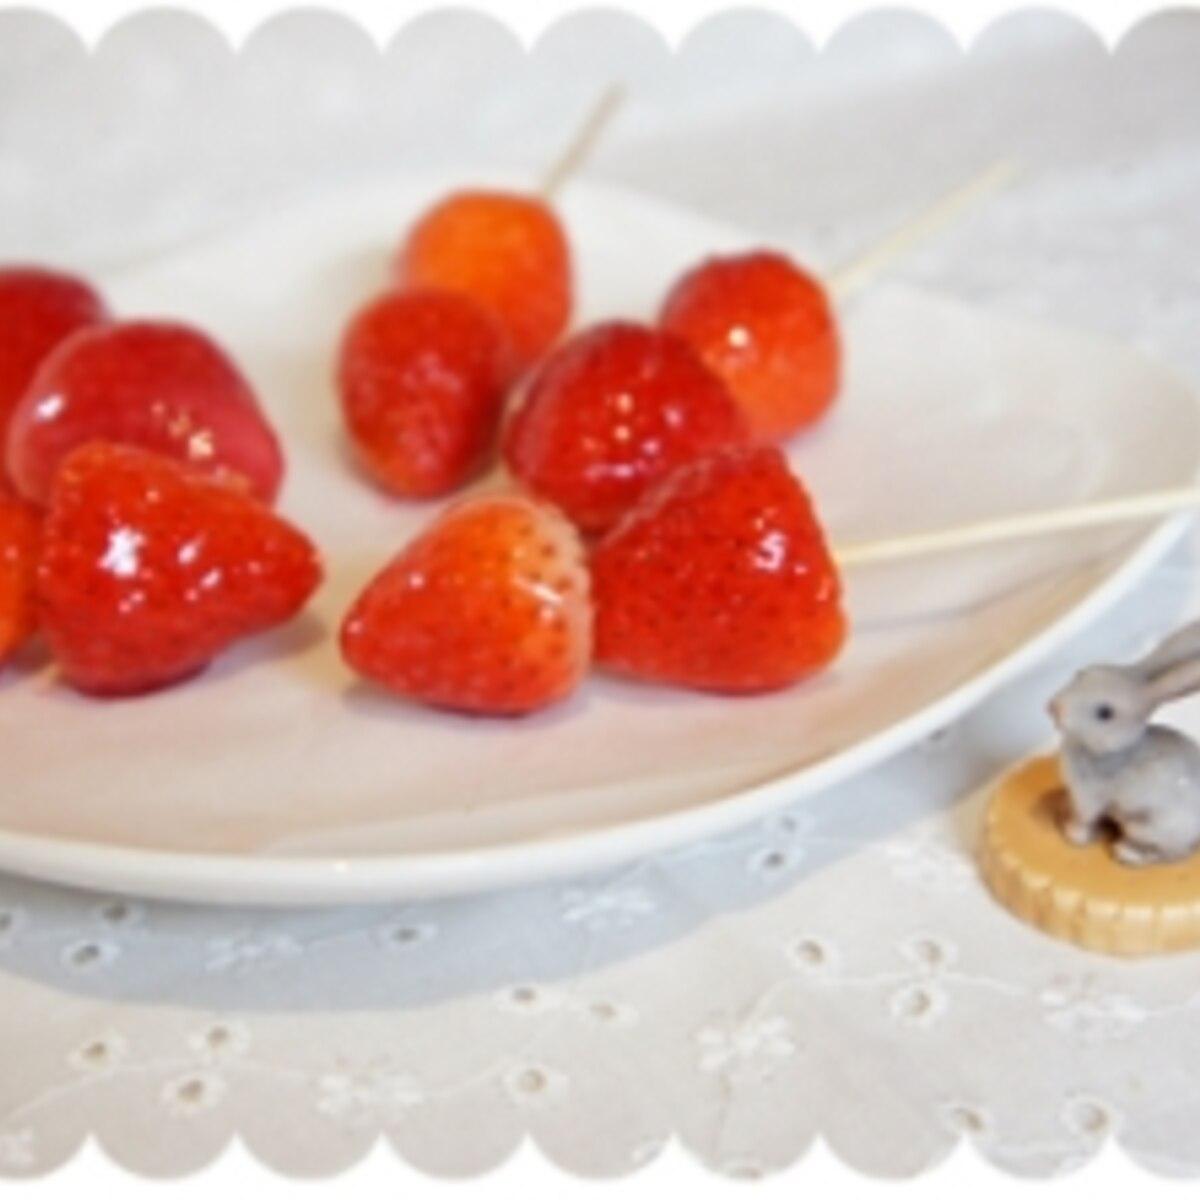 イチゴ 飴 の 作り方